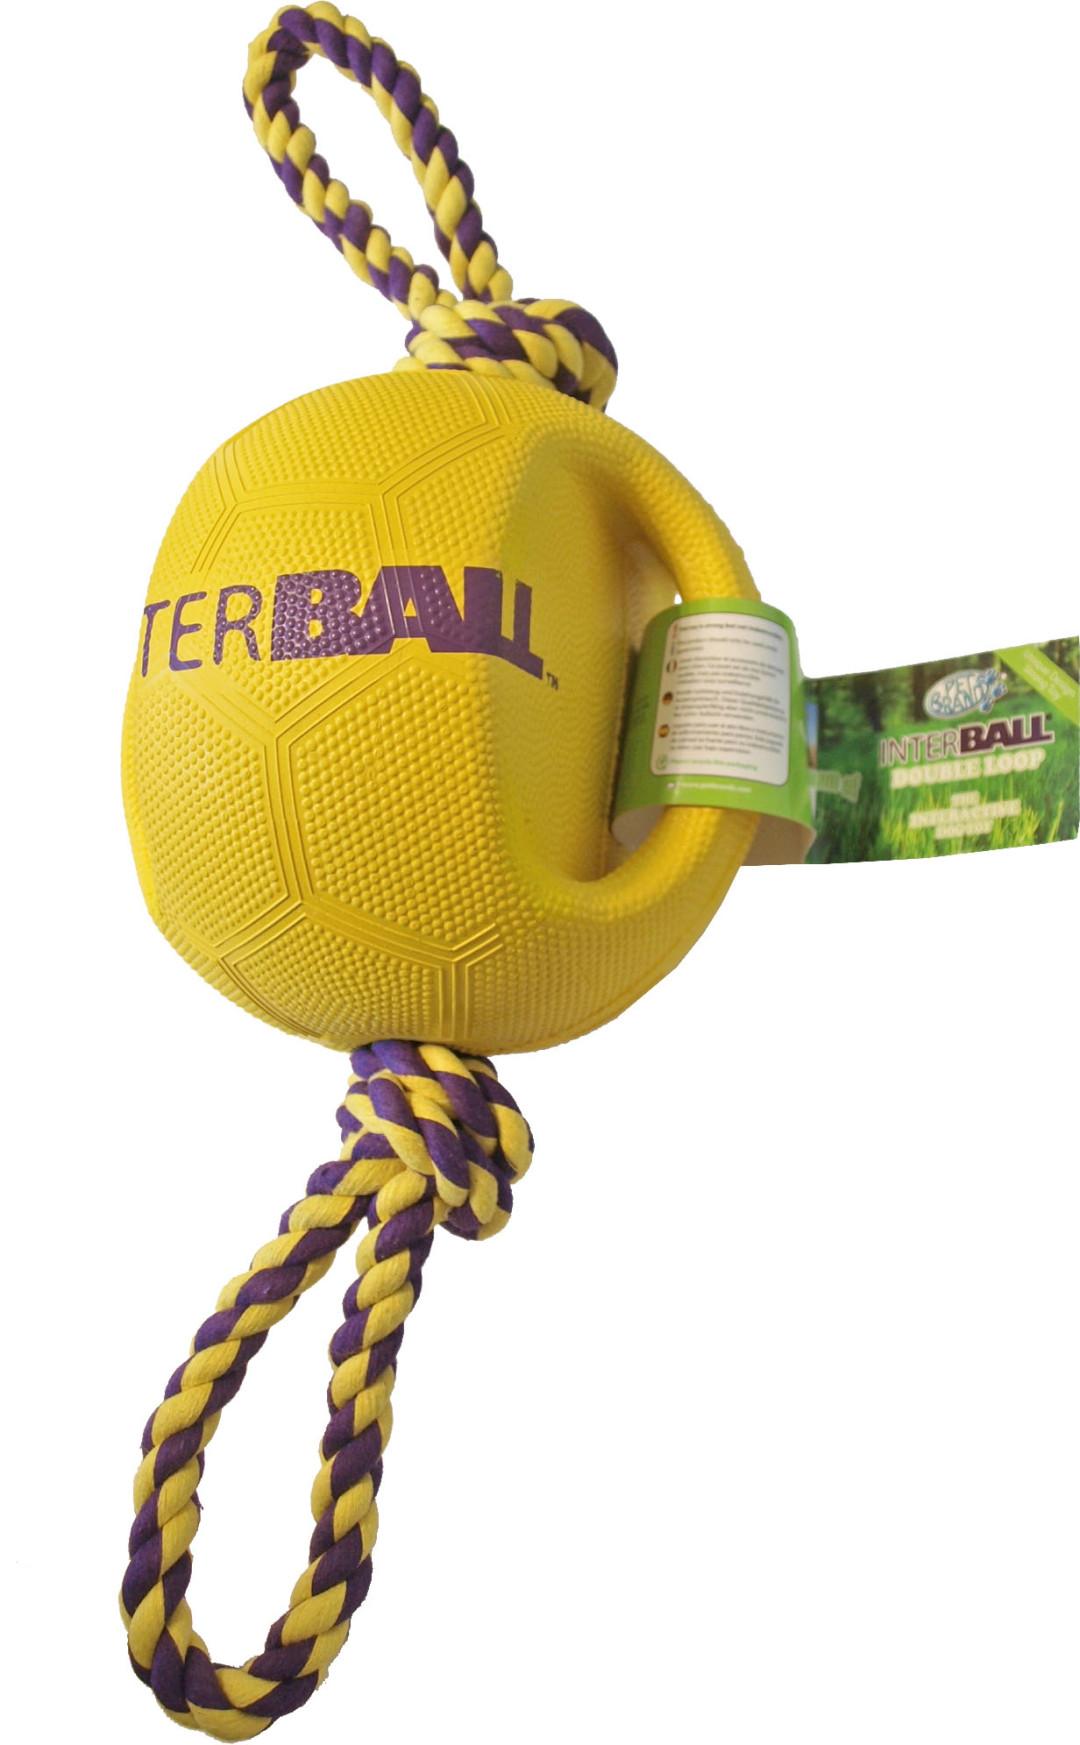 Hondenspeelbal Interball met touw